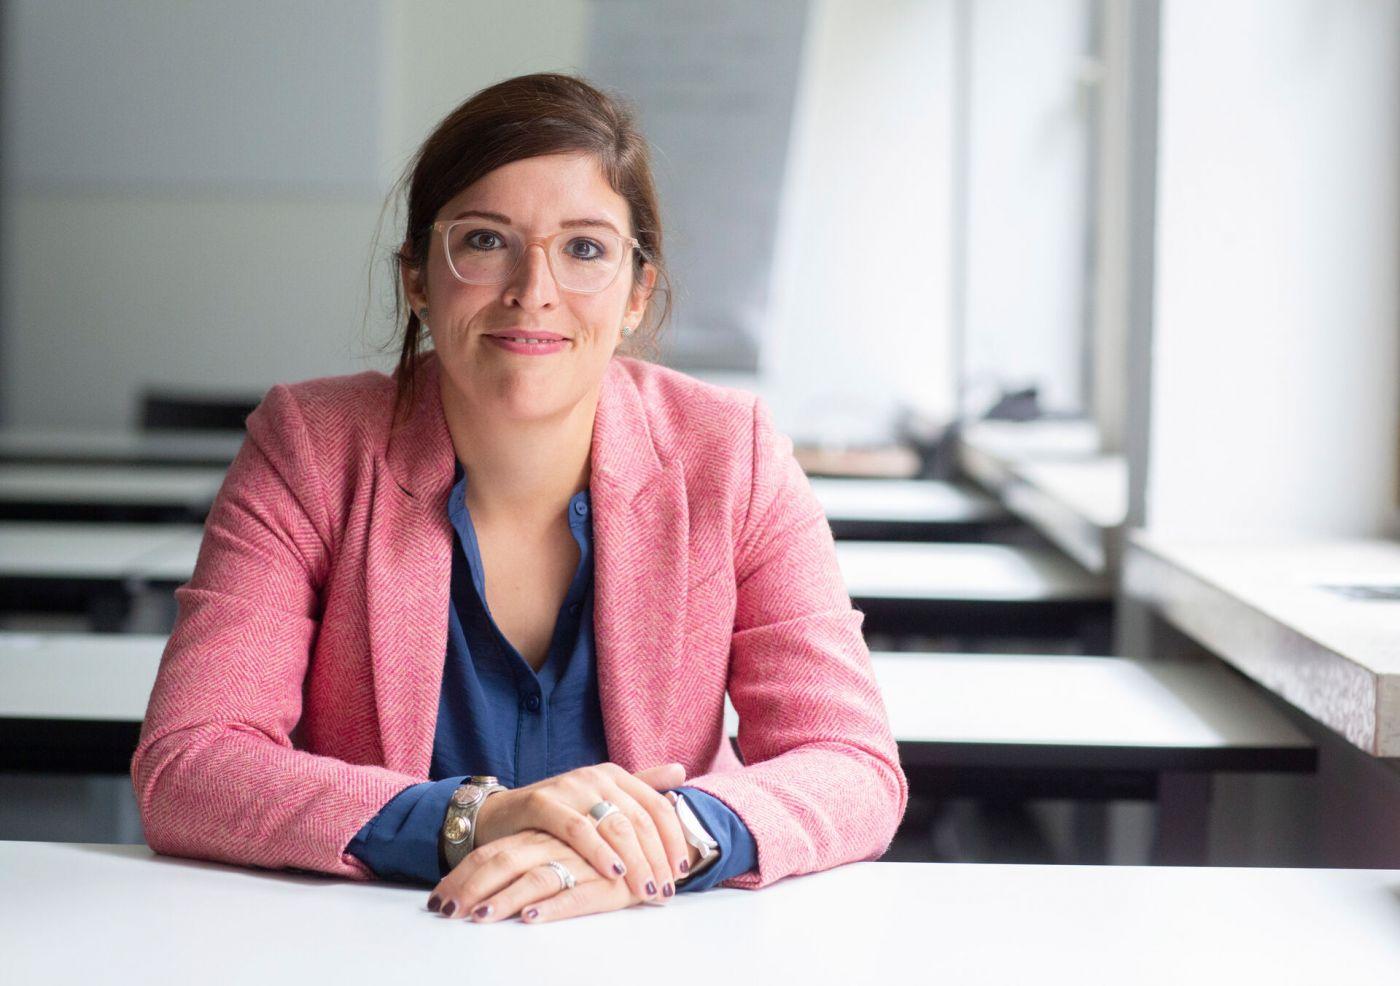 Prof. Dr. Laura Best vom Fachbereich Sozialwesen der FH Münster sitzt an einem Tisch.